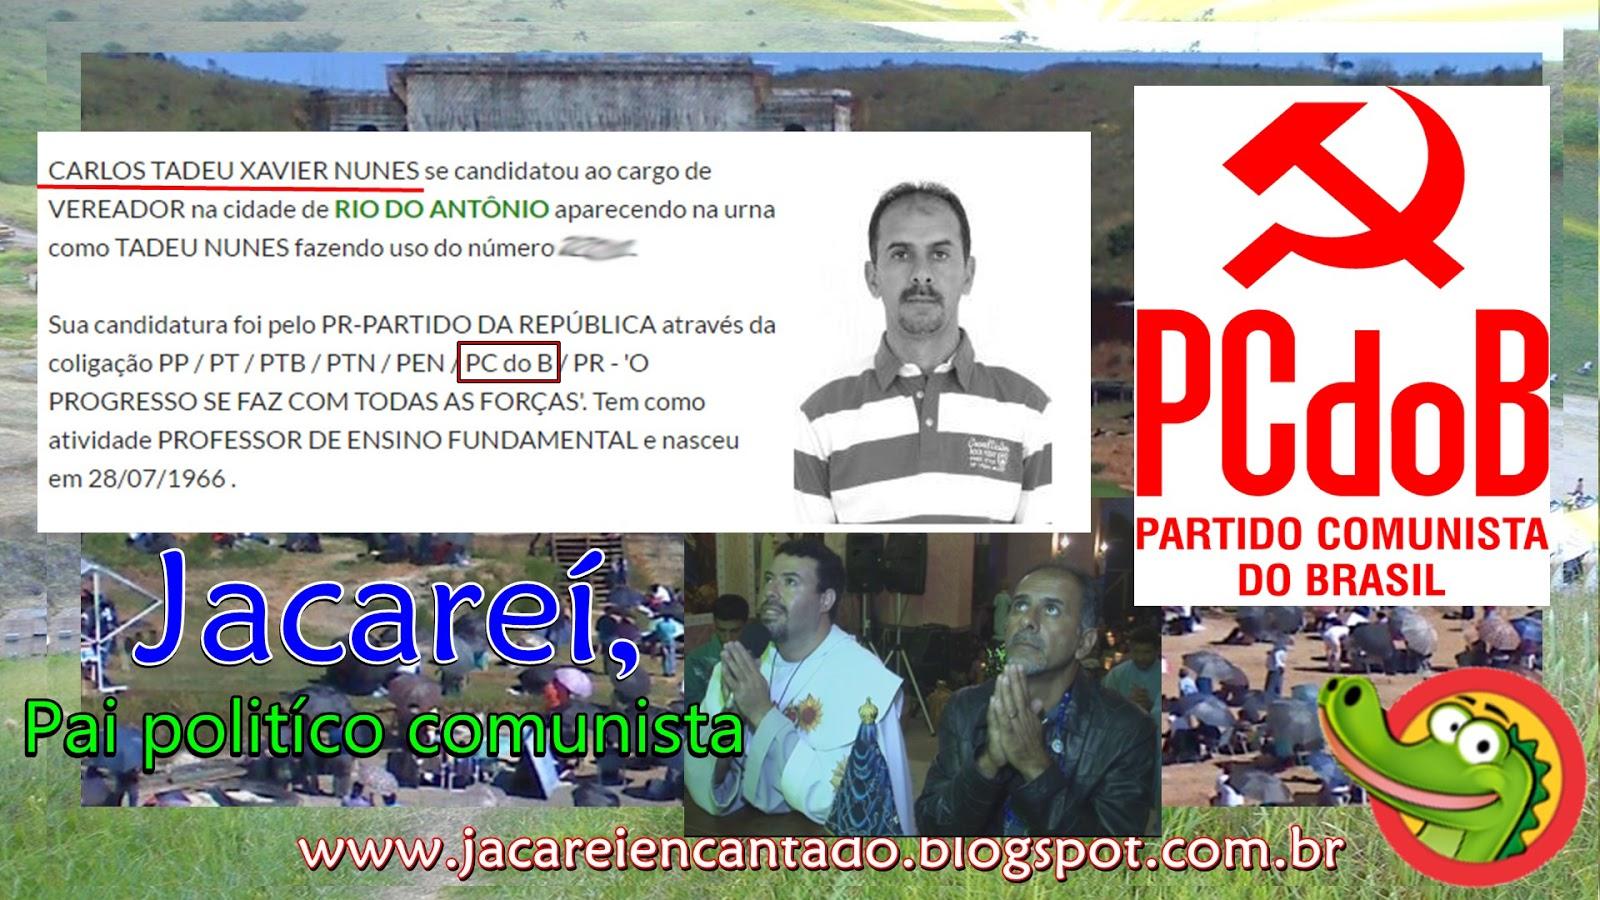 Santuário das Aparições de Jacareí SP. são falsas. são verdadeiras, farsa, photoshop, segredo, vidente astrologo  postulantes